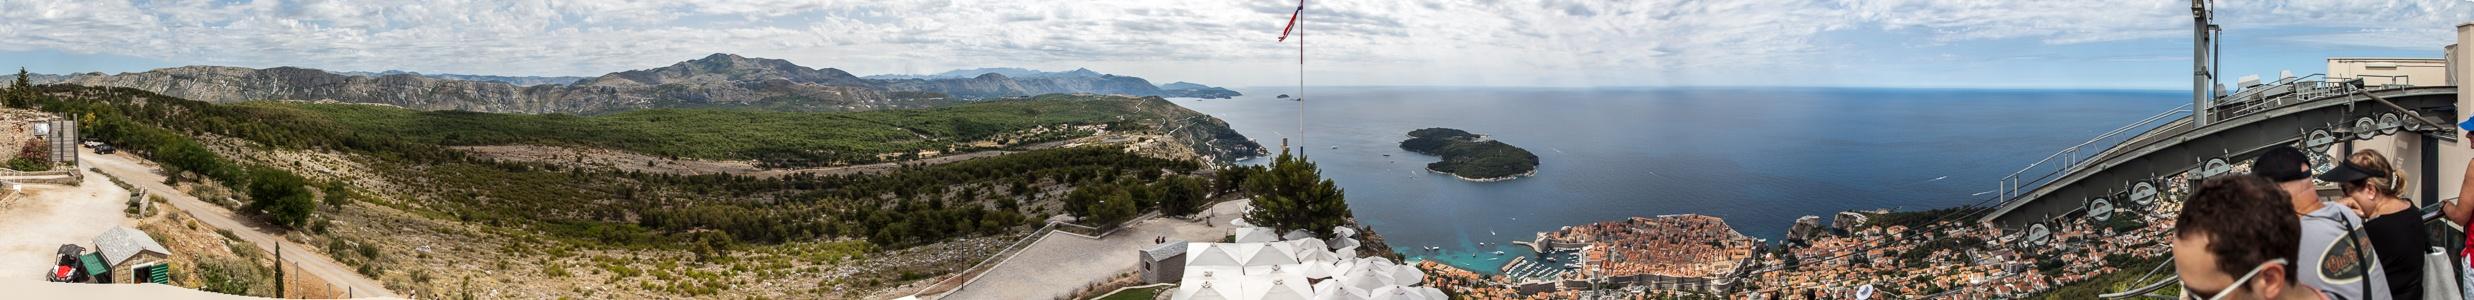 Brdo Srđ, Adriatisches Meer (Mittelmeer), Altstadt (Grad) Dubrovnik